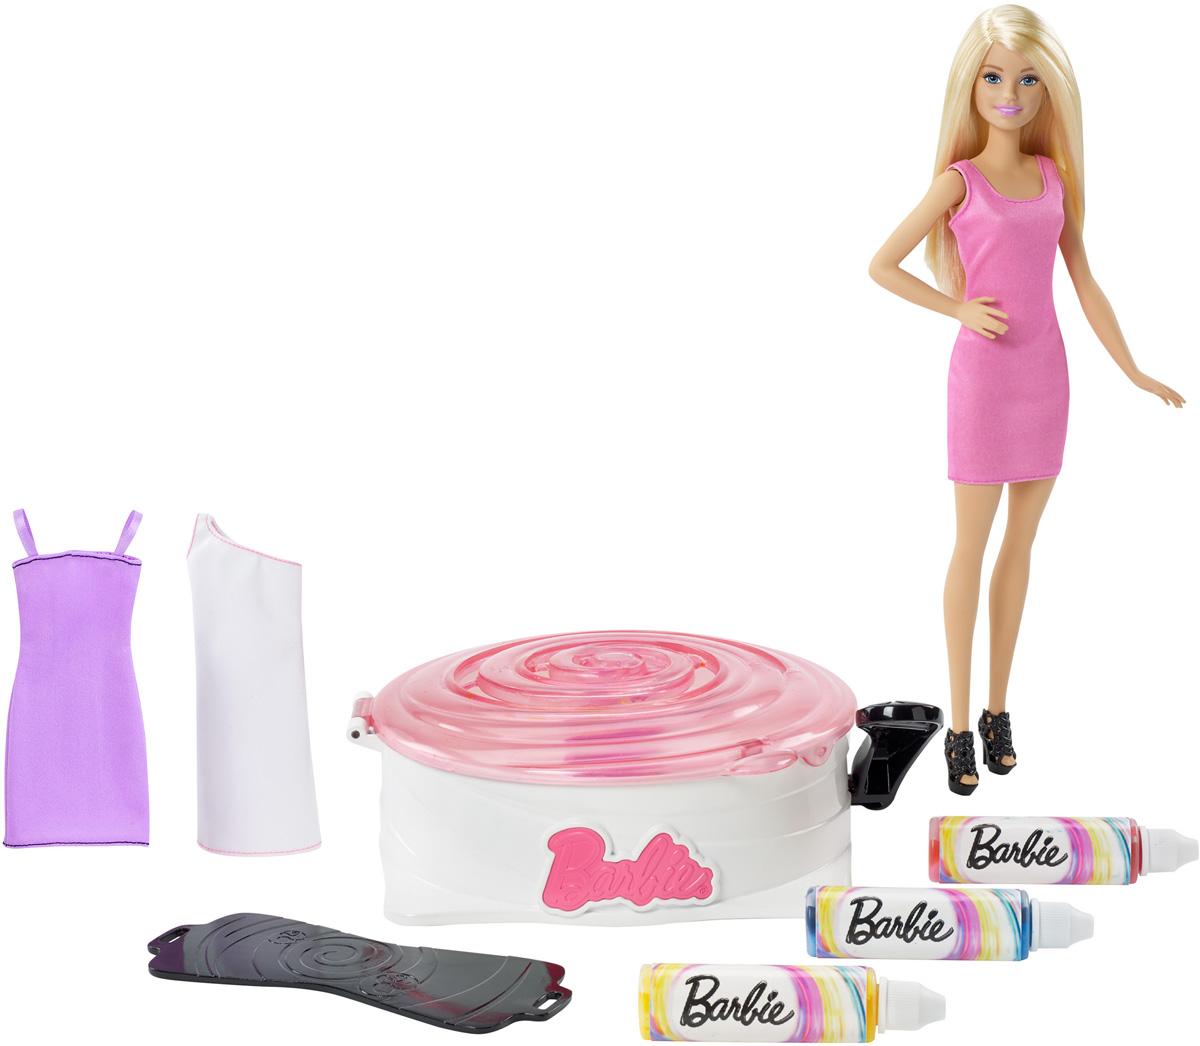 Barbie Игровой набор с куклой Студия цветных нарядовDMC10Создайте свой дизайн и откройте новый стиль с игровым набором Barbie Студия цветных нарядов. Возьмите одно из трех платьев набора и наденьте на манекен. Закрепите манекен в машинке для покраски и закройте розовую крышку. Выберите любую из красок набора (розовую, желтую или синюю) и встряхните пузырек. Нажмите рычаг на машинке, чтобы платье вращалось, и добавляйте краску через отверстия на крышке. Не отпускайте рычаг - и краска растечется, образуя красивые и забавные узоры. Если решите, что хватит краски, откройте крышку - и вот оно, новое особенное платье! Нарядите куклу Barbie (входит в комплект) в дизайнерское платье и универсальные черные босоножки. Платья можно стирать. Цветная краска предназначена для использования только на нарядах, входящих в комплект, но не предназначена для использования на других нарядах, кукле или ребенке.